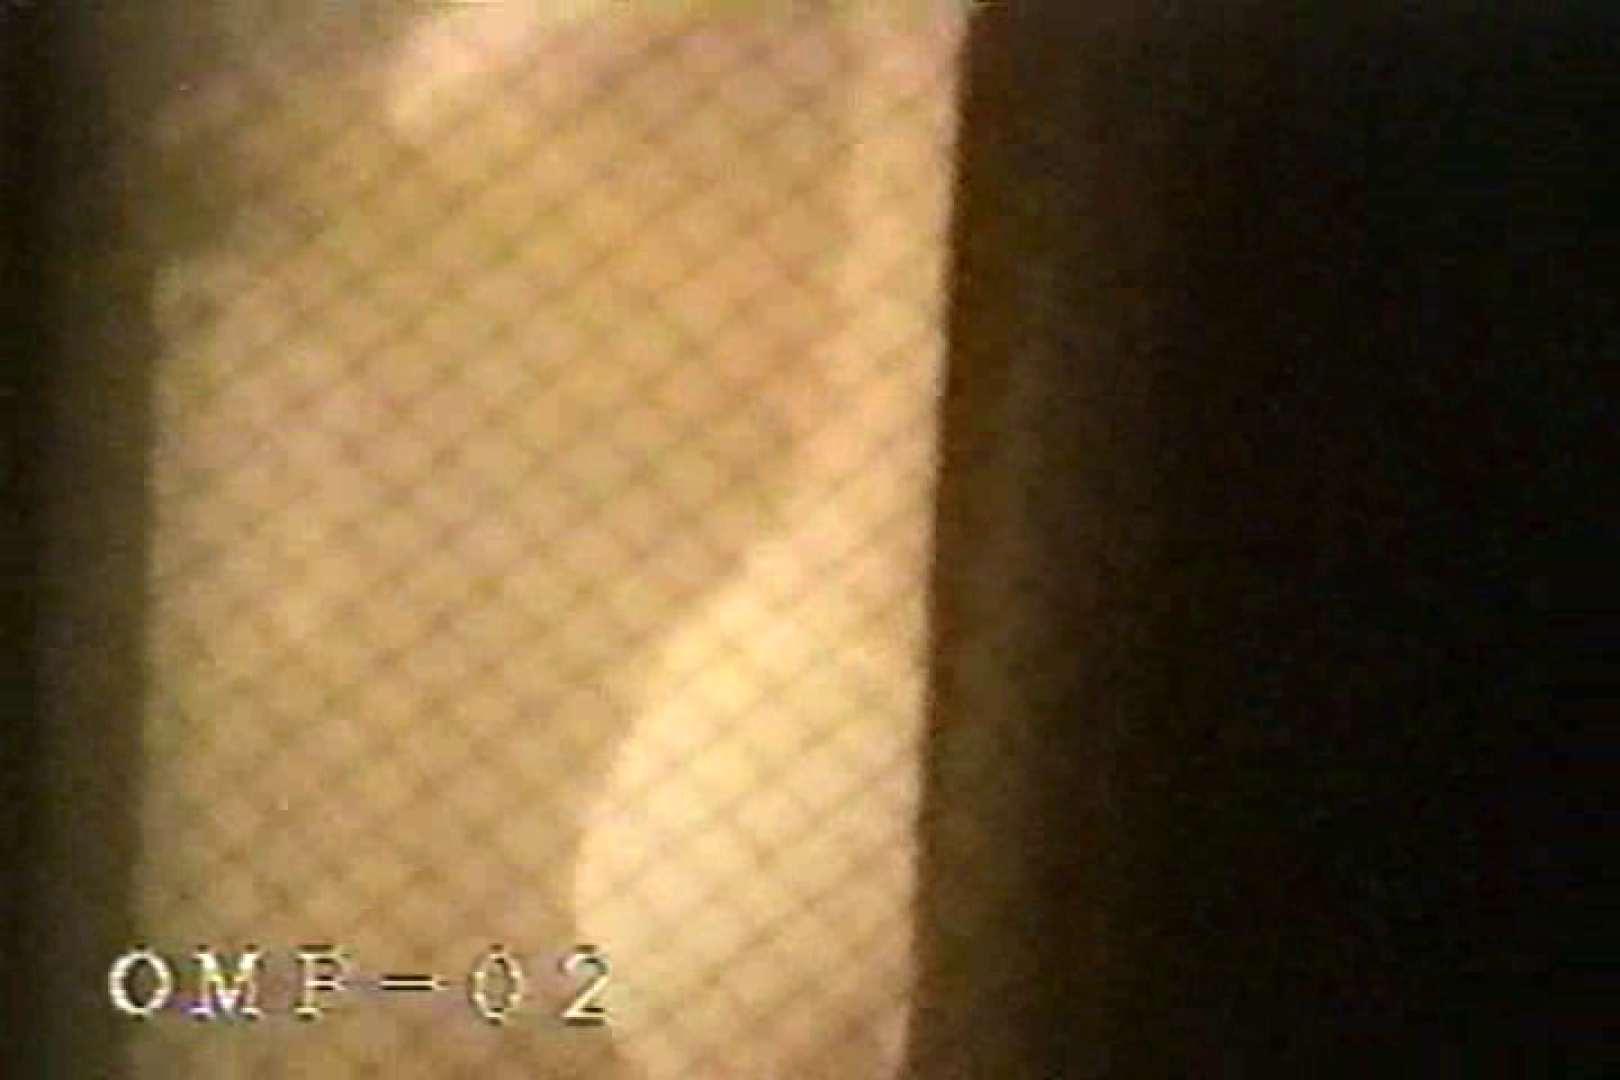 究極の民家覗き撮りVol.2 接写 盗撮エロ画像 50pic 9